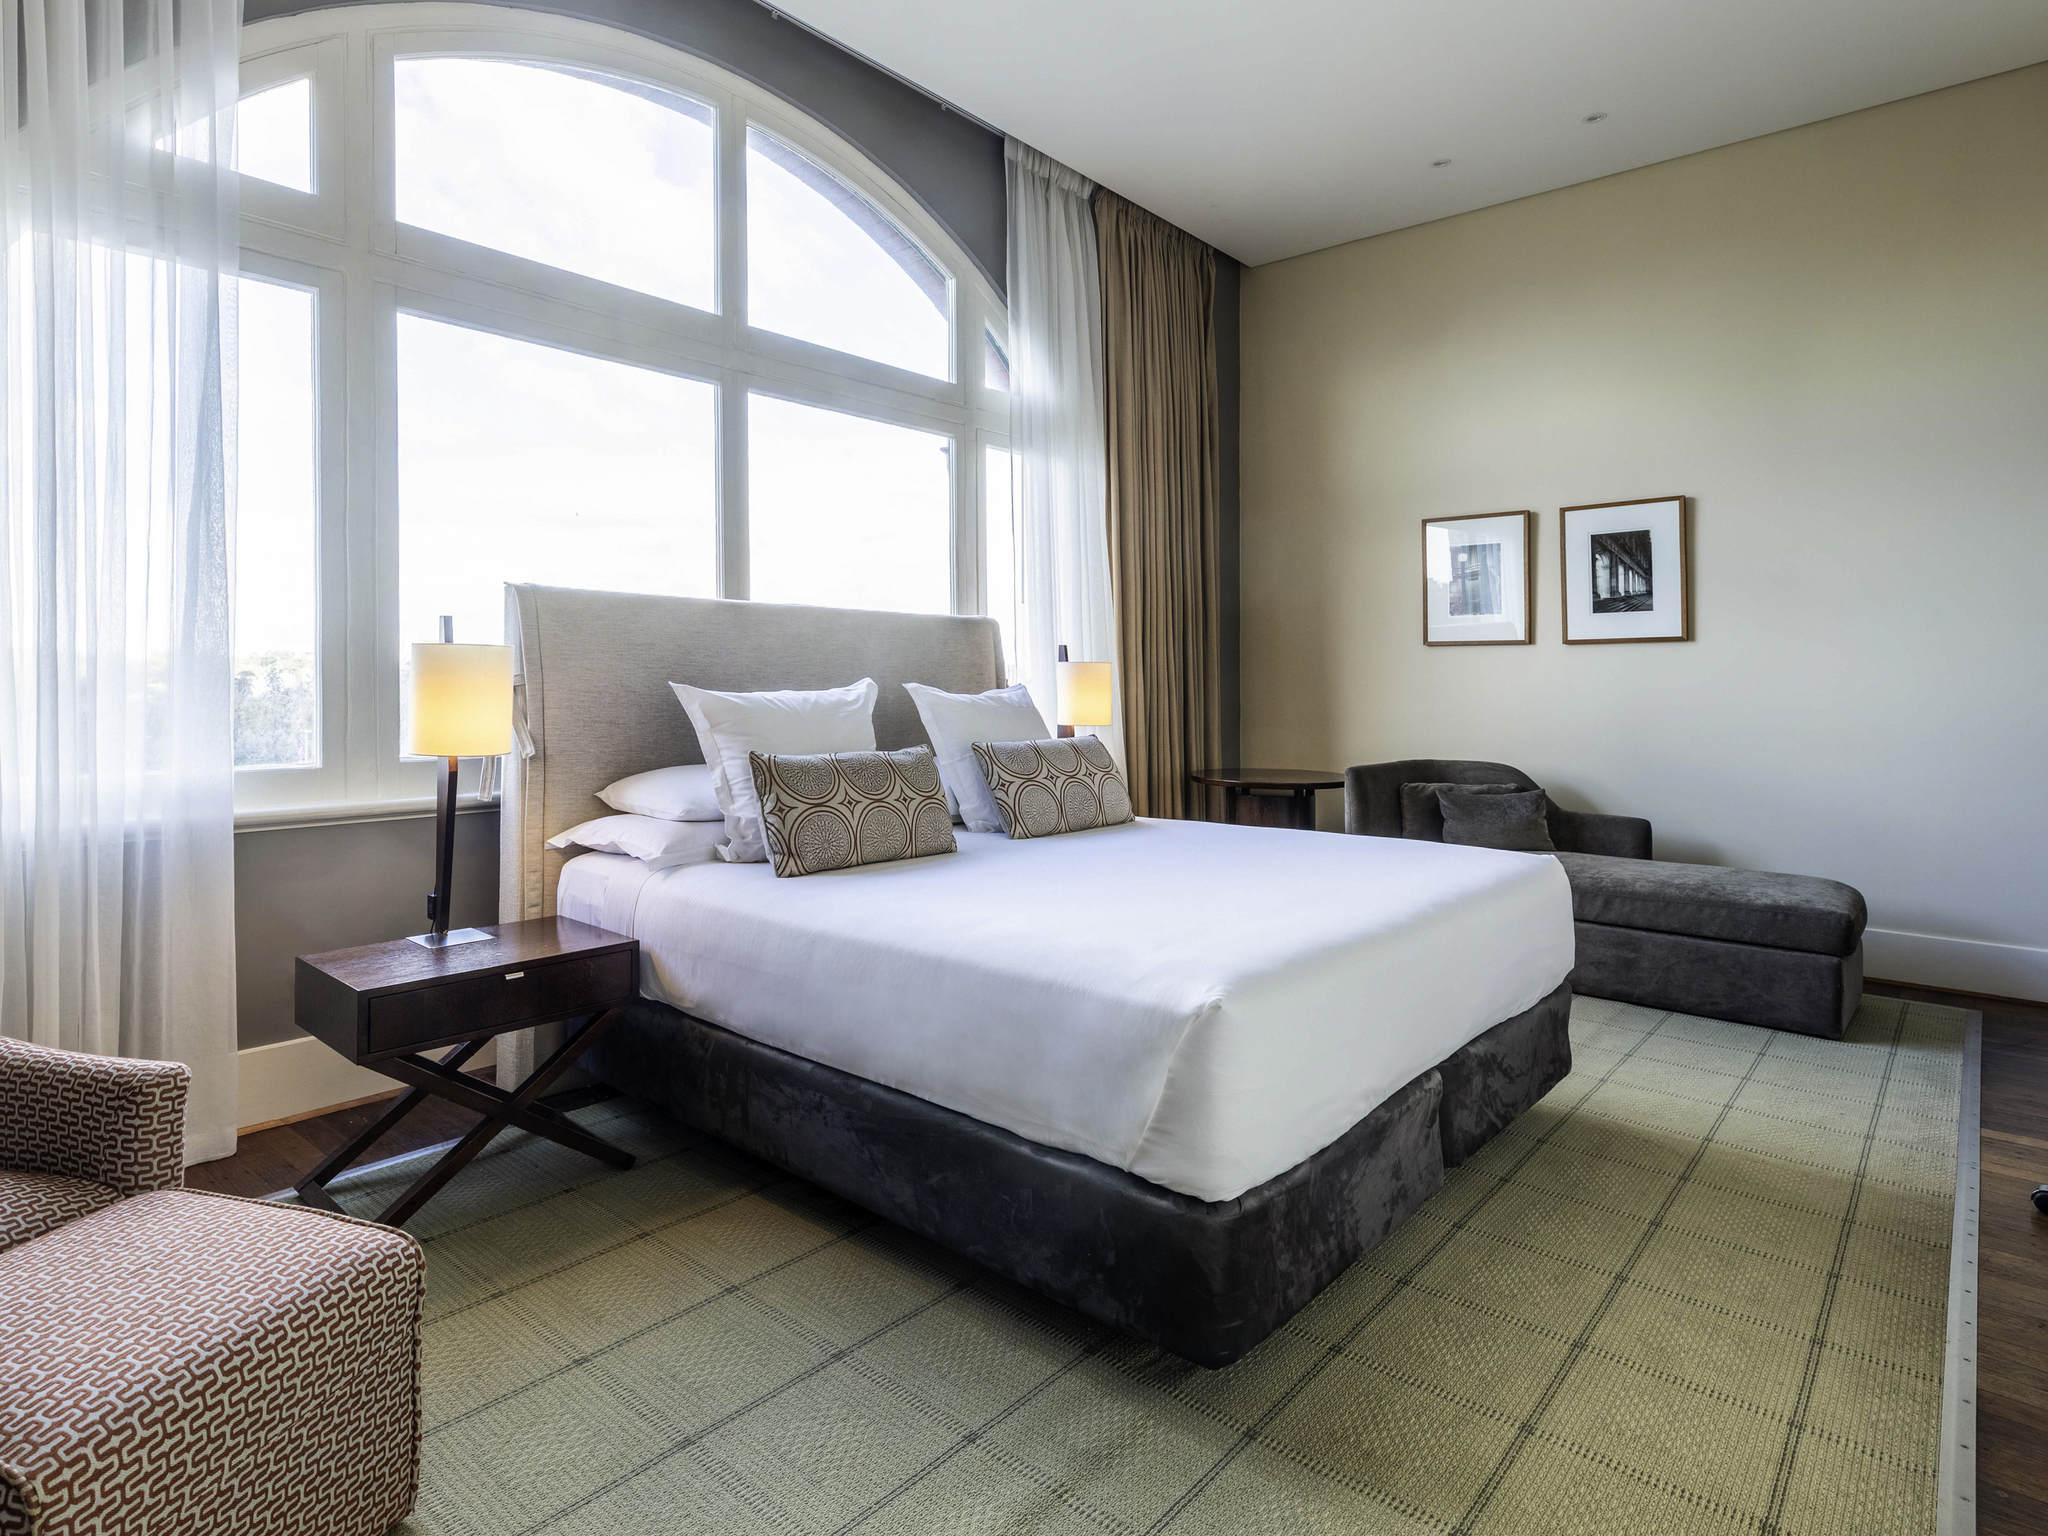 ホテル – リンドラム メルボルン Mギャラリー by ソフィテル